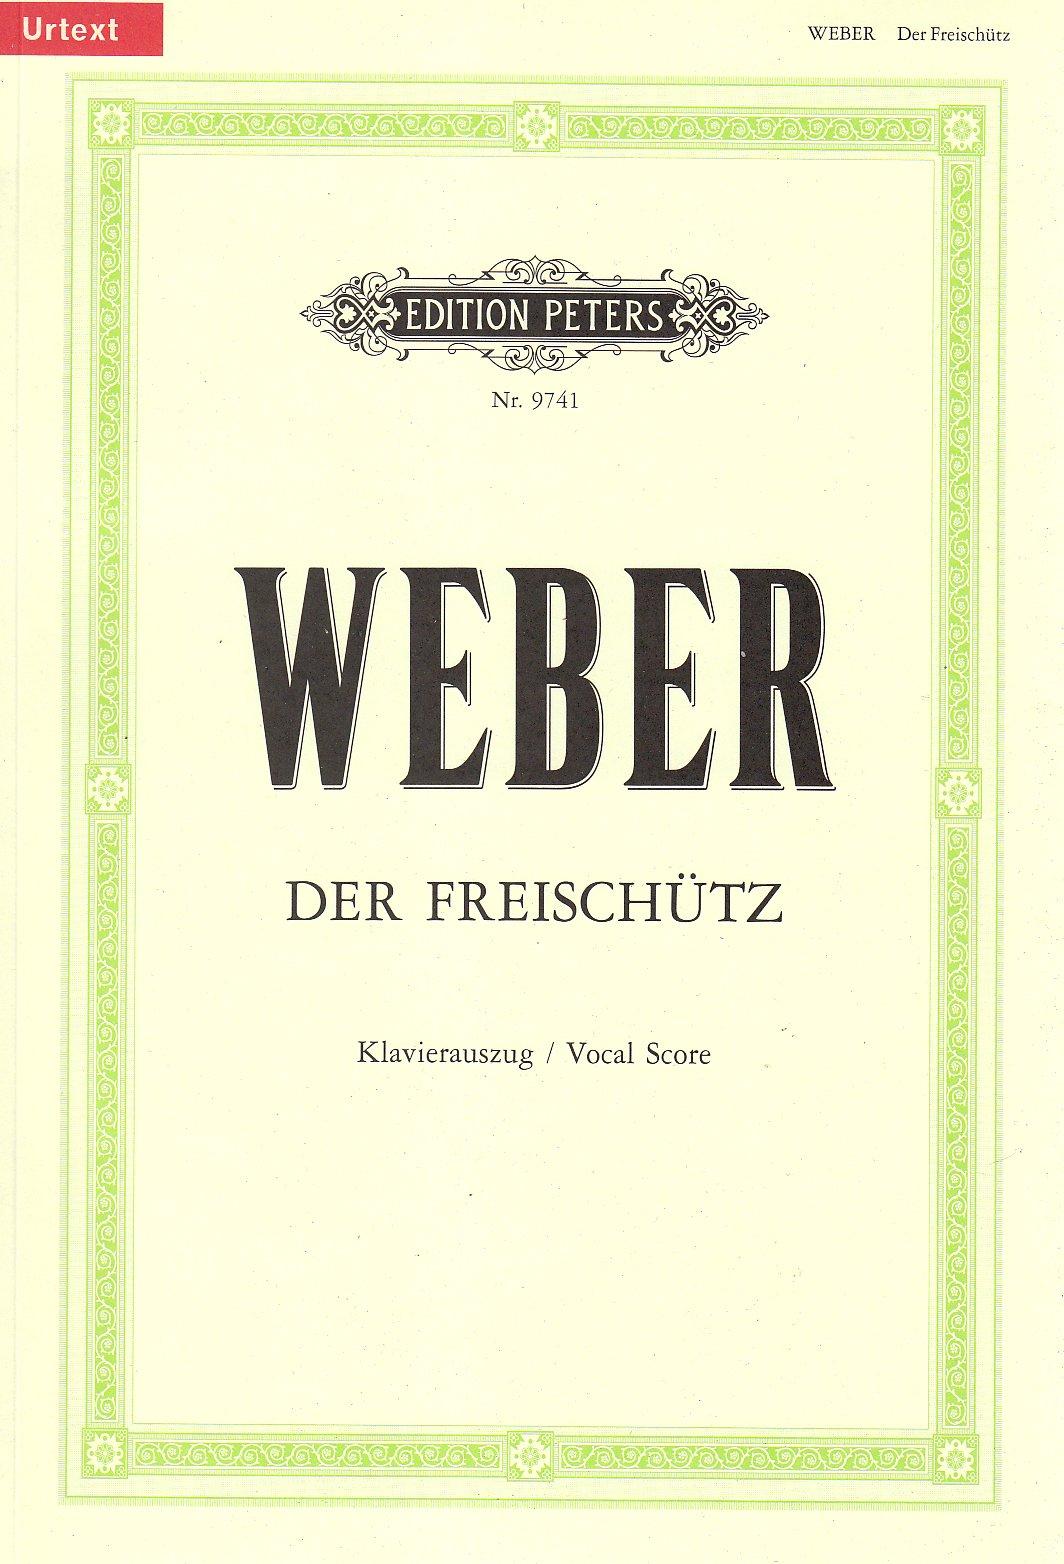 Der Freischütz (Oper in 3 Akten) op. 77 / URTEXT: Romantische Oper in drei Aufzügen / Klavierauszug